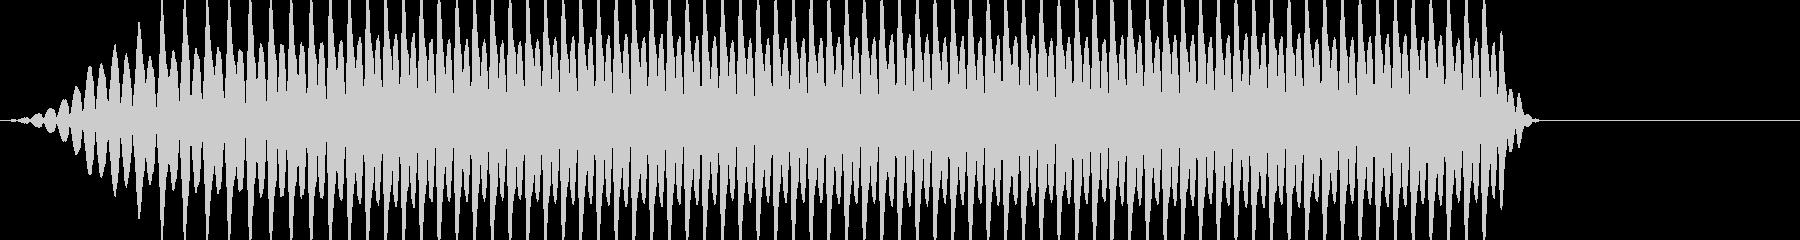 ピロピロピロピロー(パワーを溜める音)の未再生の波形